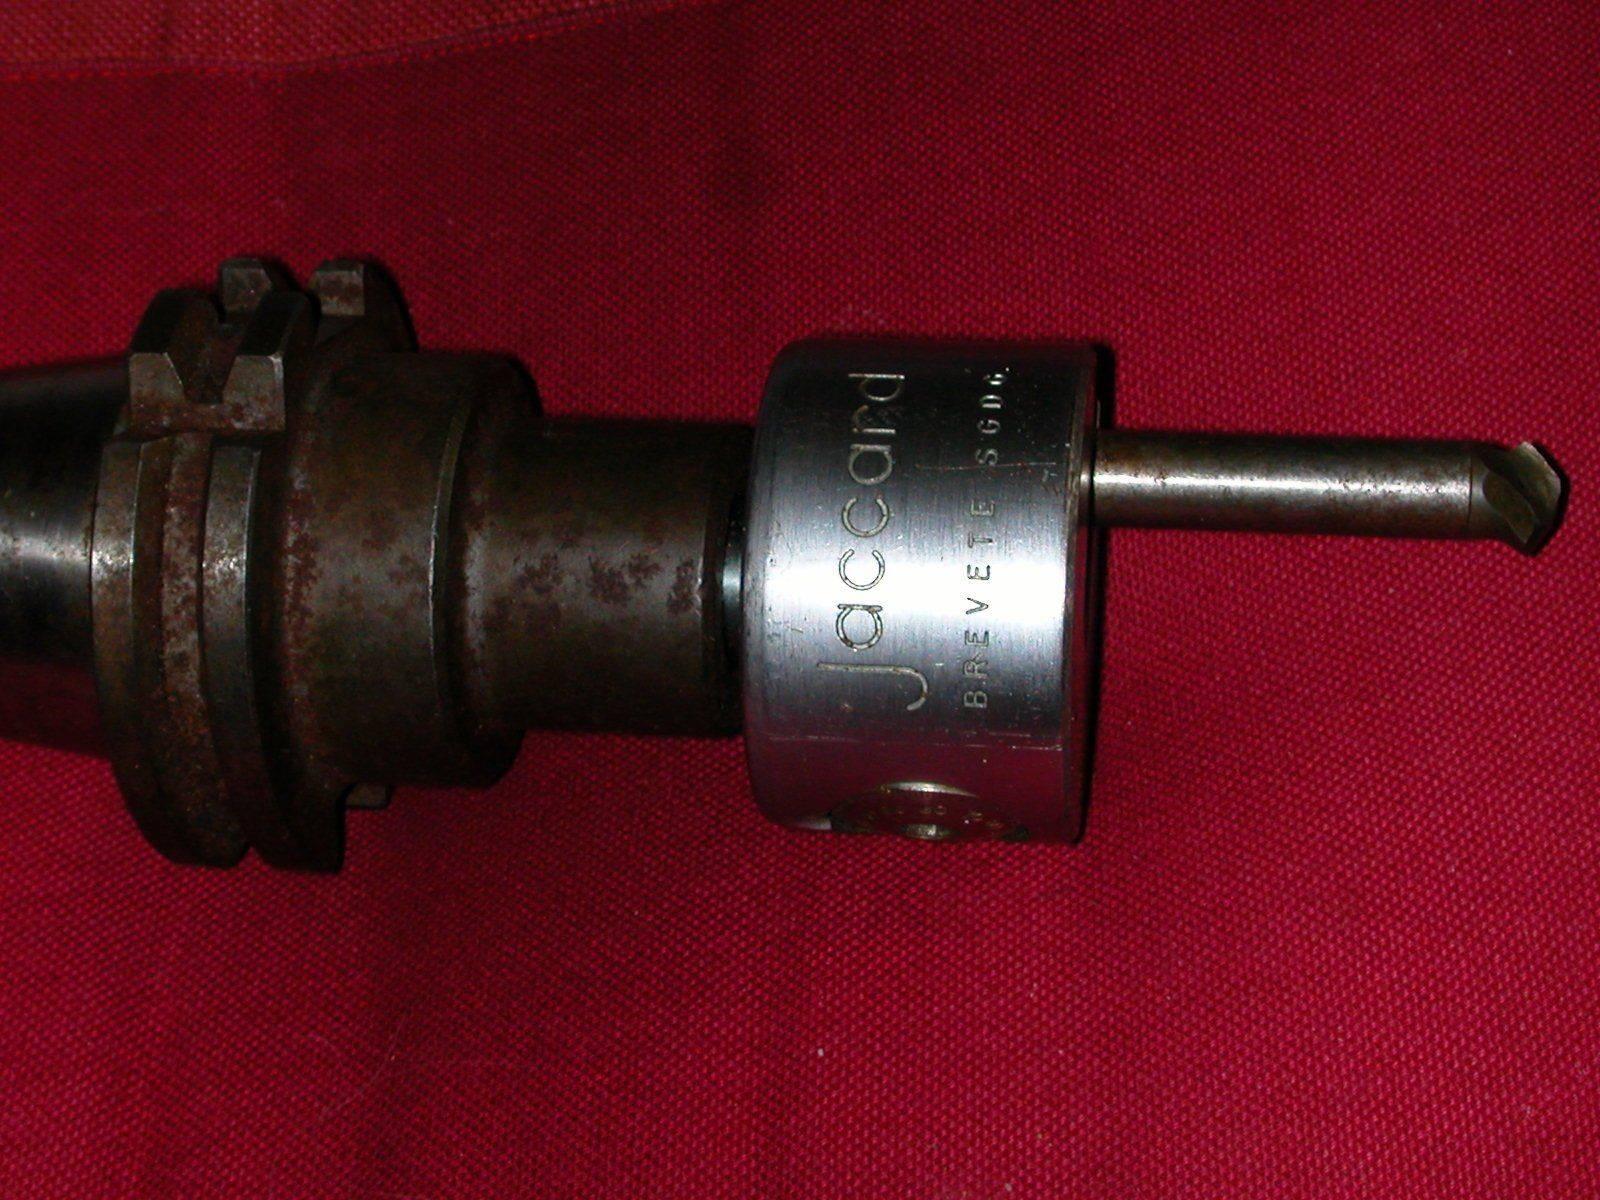 DSCN6666.JPG